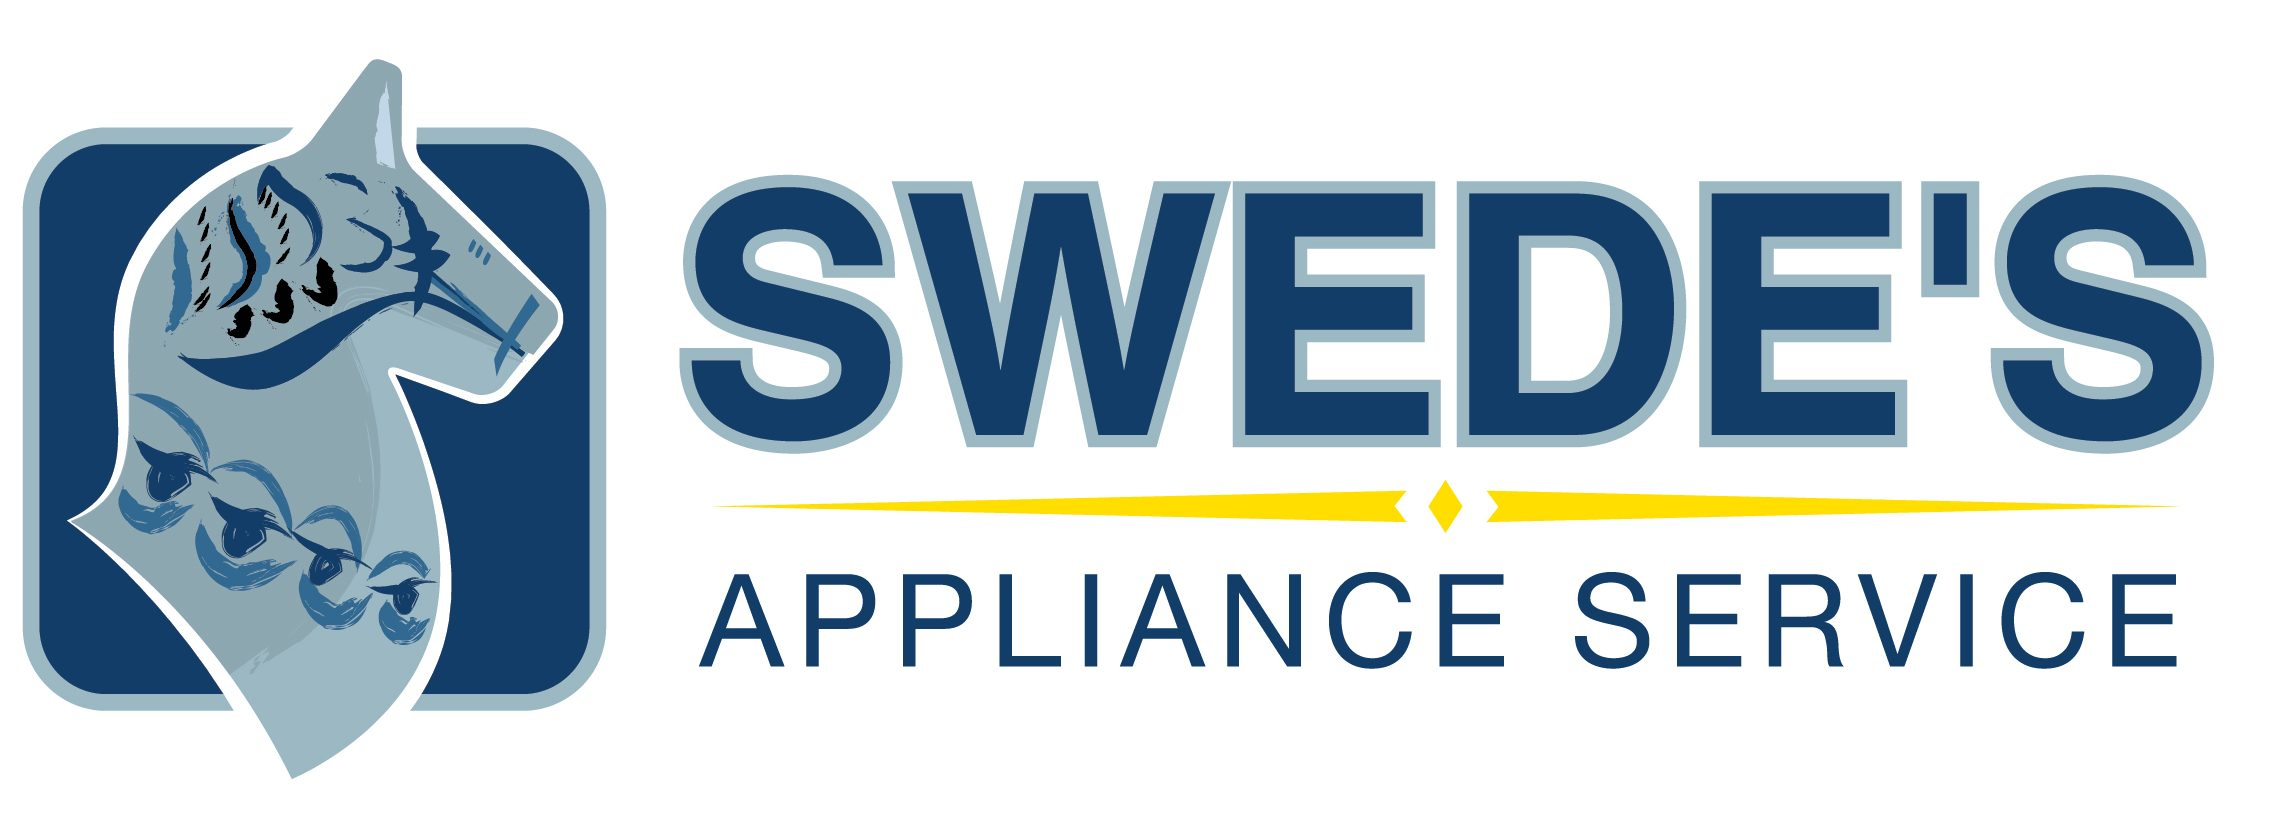 local appliance repair, Cheyenne, WY